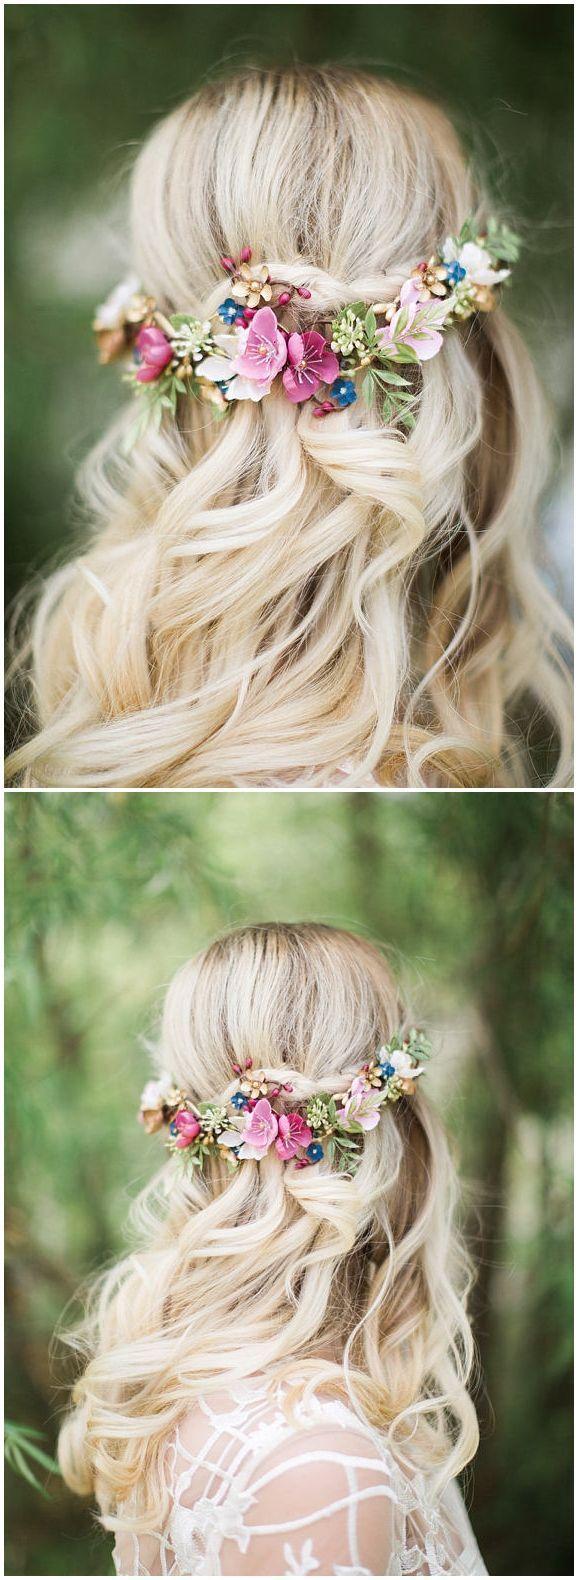 Braut Haarspange, Braut Kopfschmuck, florale Haar Rebe, staubige lila Haarteil, rosa Haarspange, Gold, Marine Haar Blume, #bridalhair